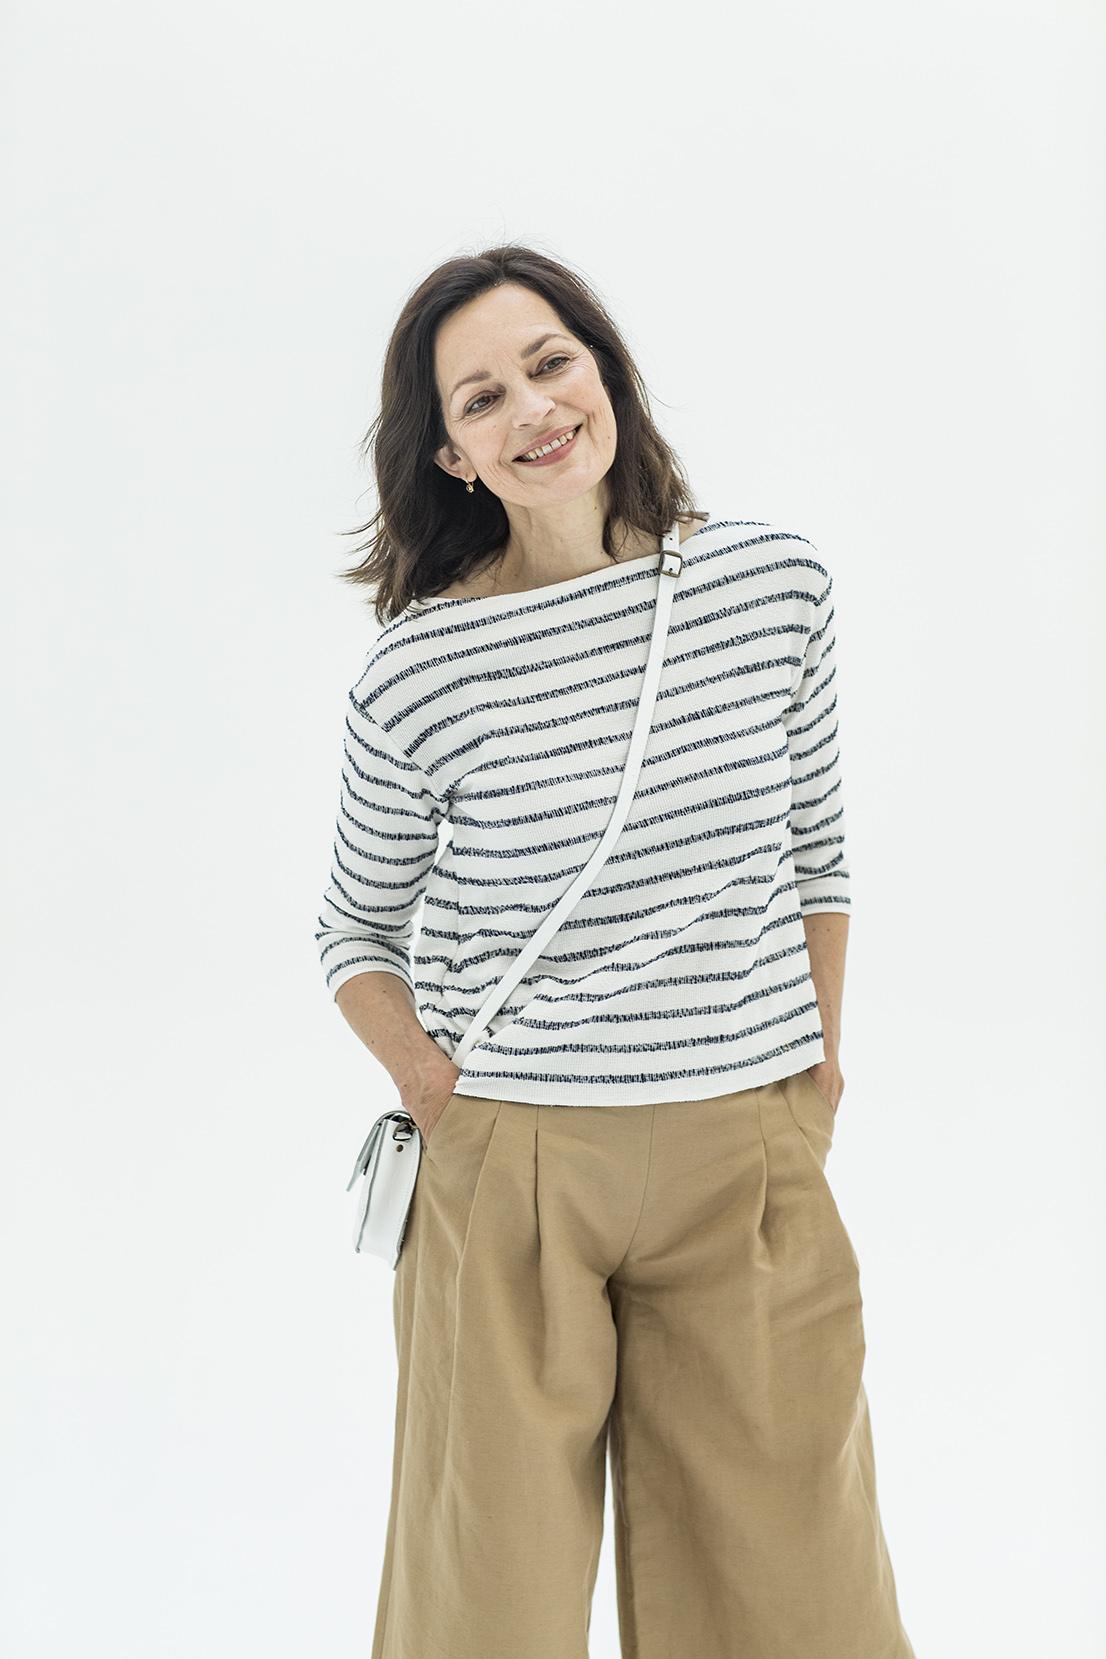 Tee shirt pattern